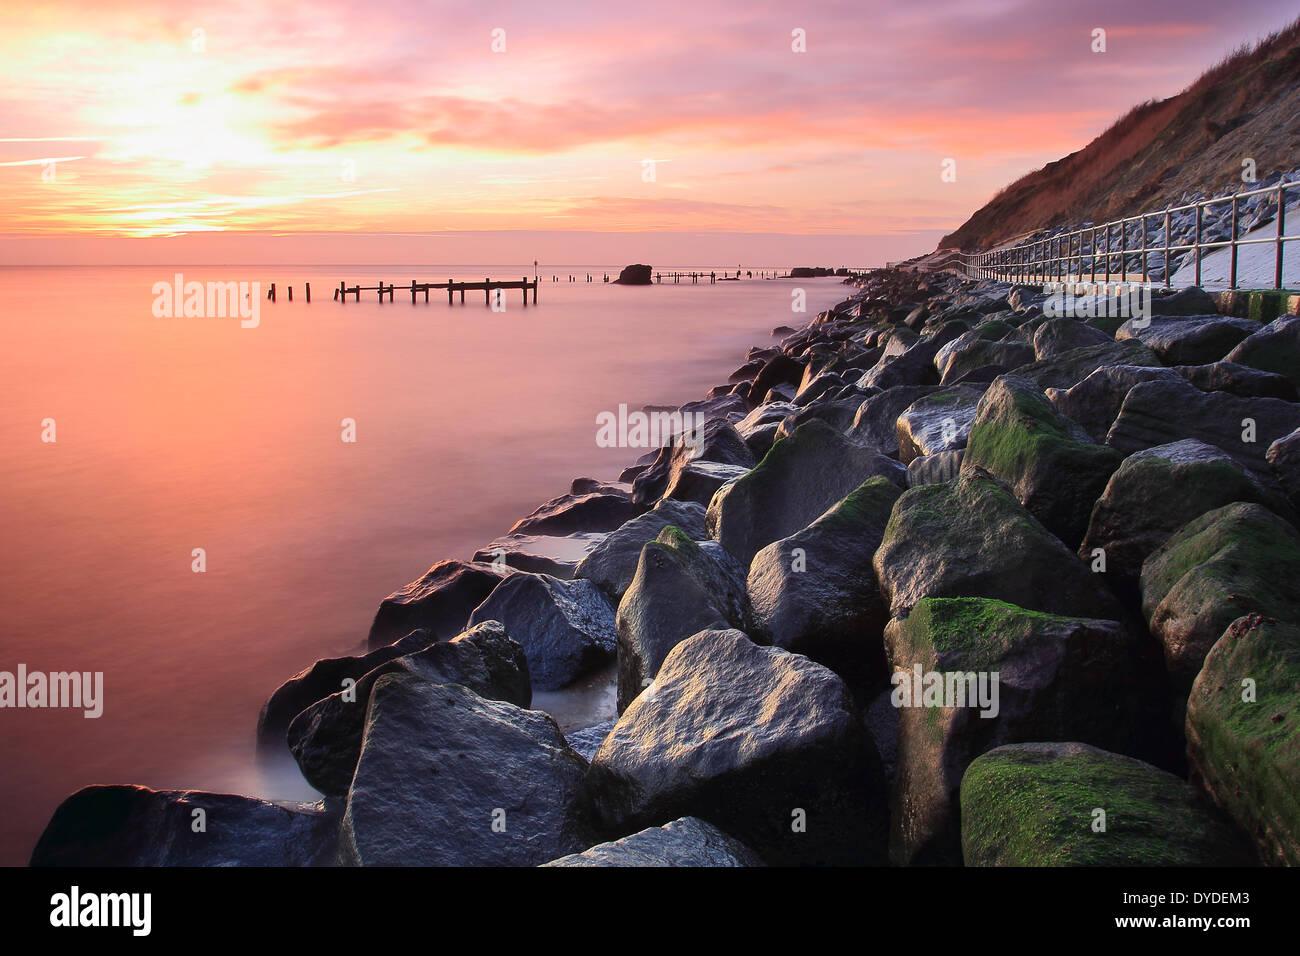 Eine Ansicht des Küstenschutzes Corton. Stockfoto